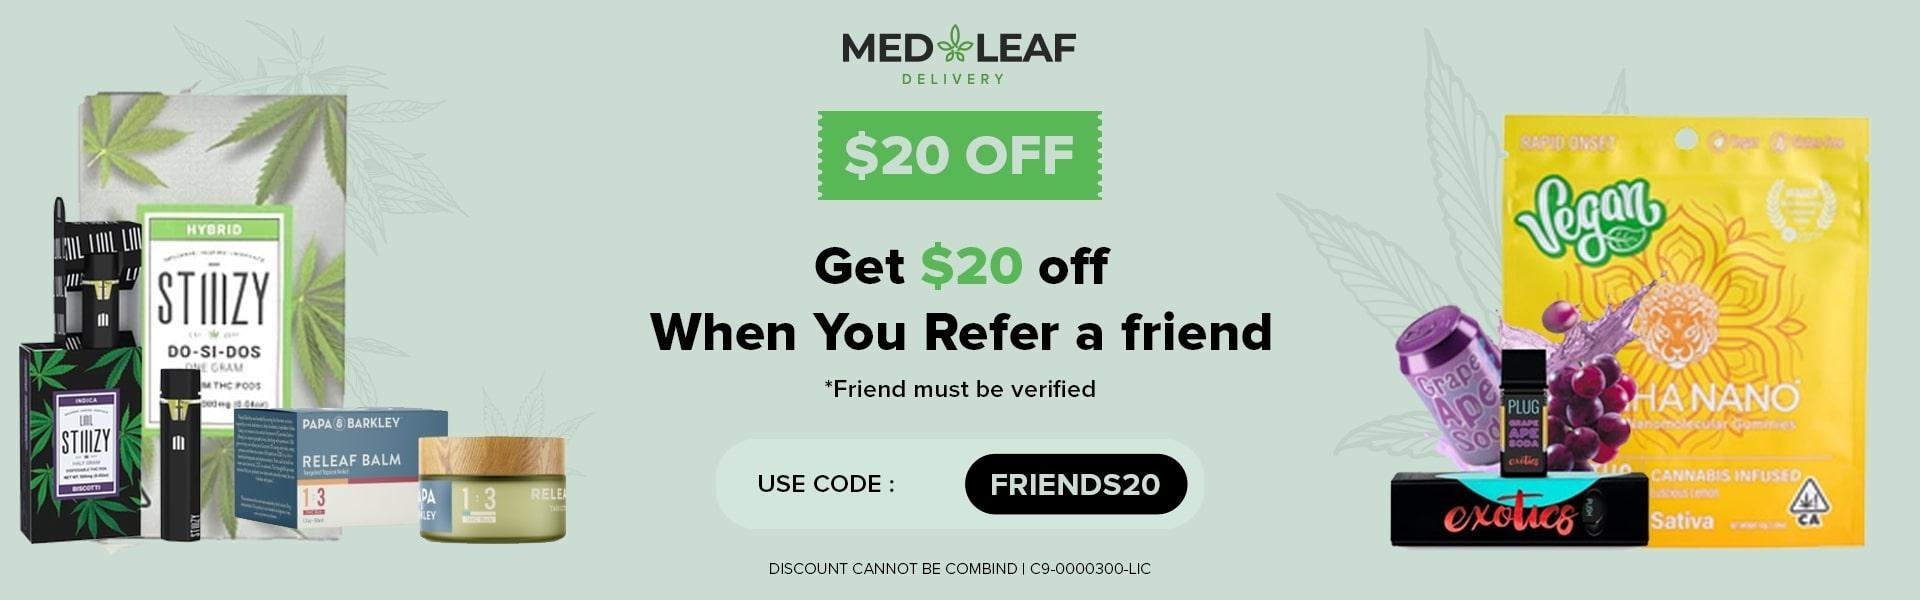 MedLeaf Cannabis Delivery (@medleafdelivery) Cover Image